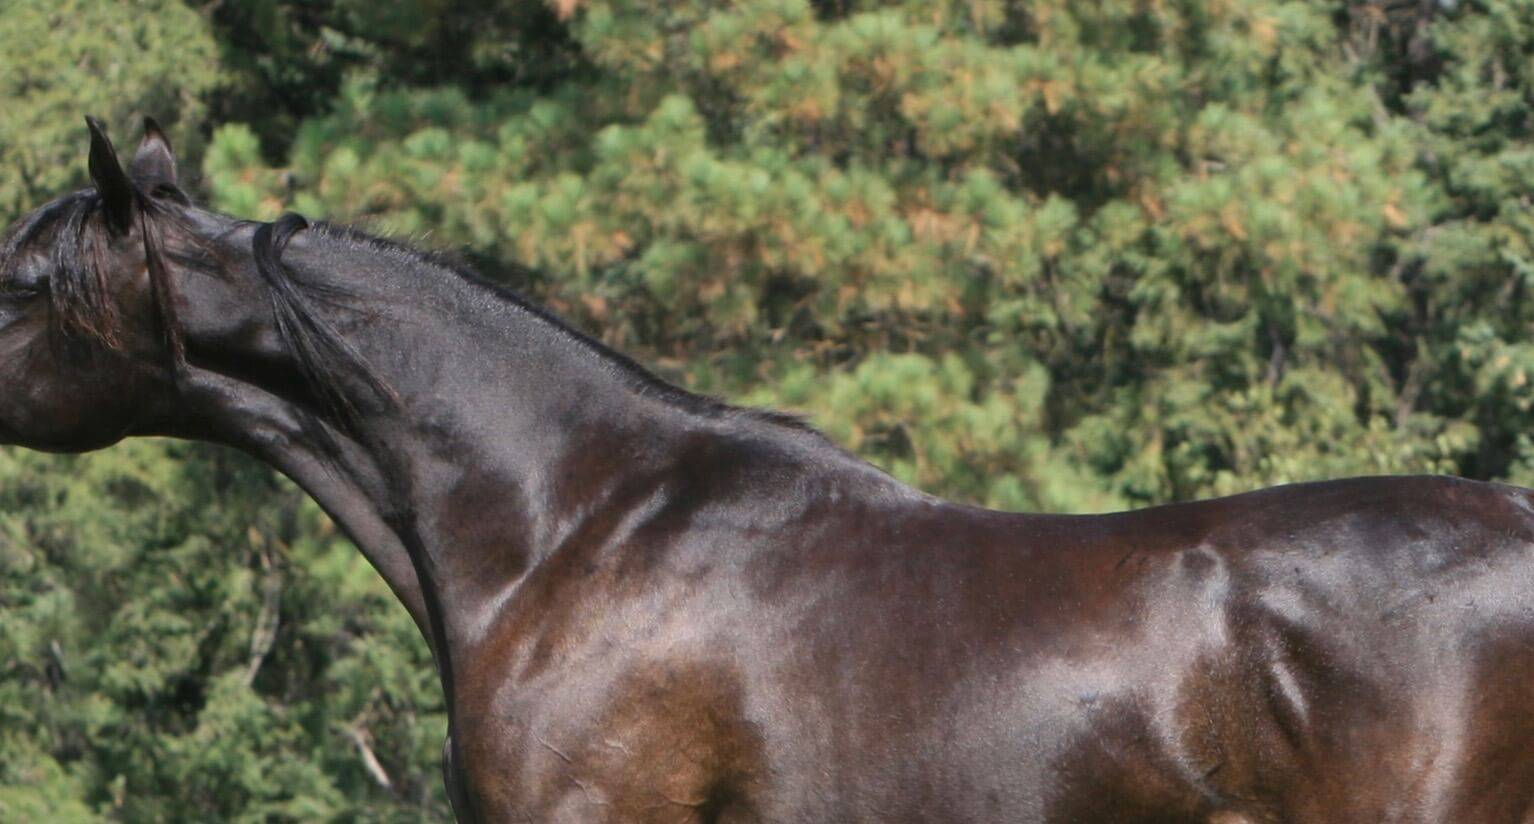 Homozygous black SE Colt  - age 17 months